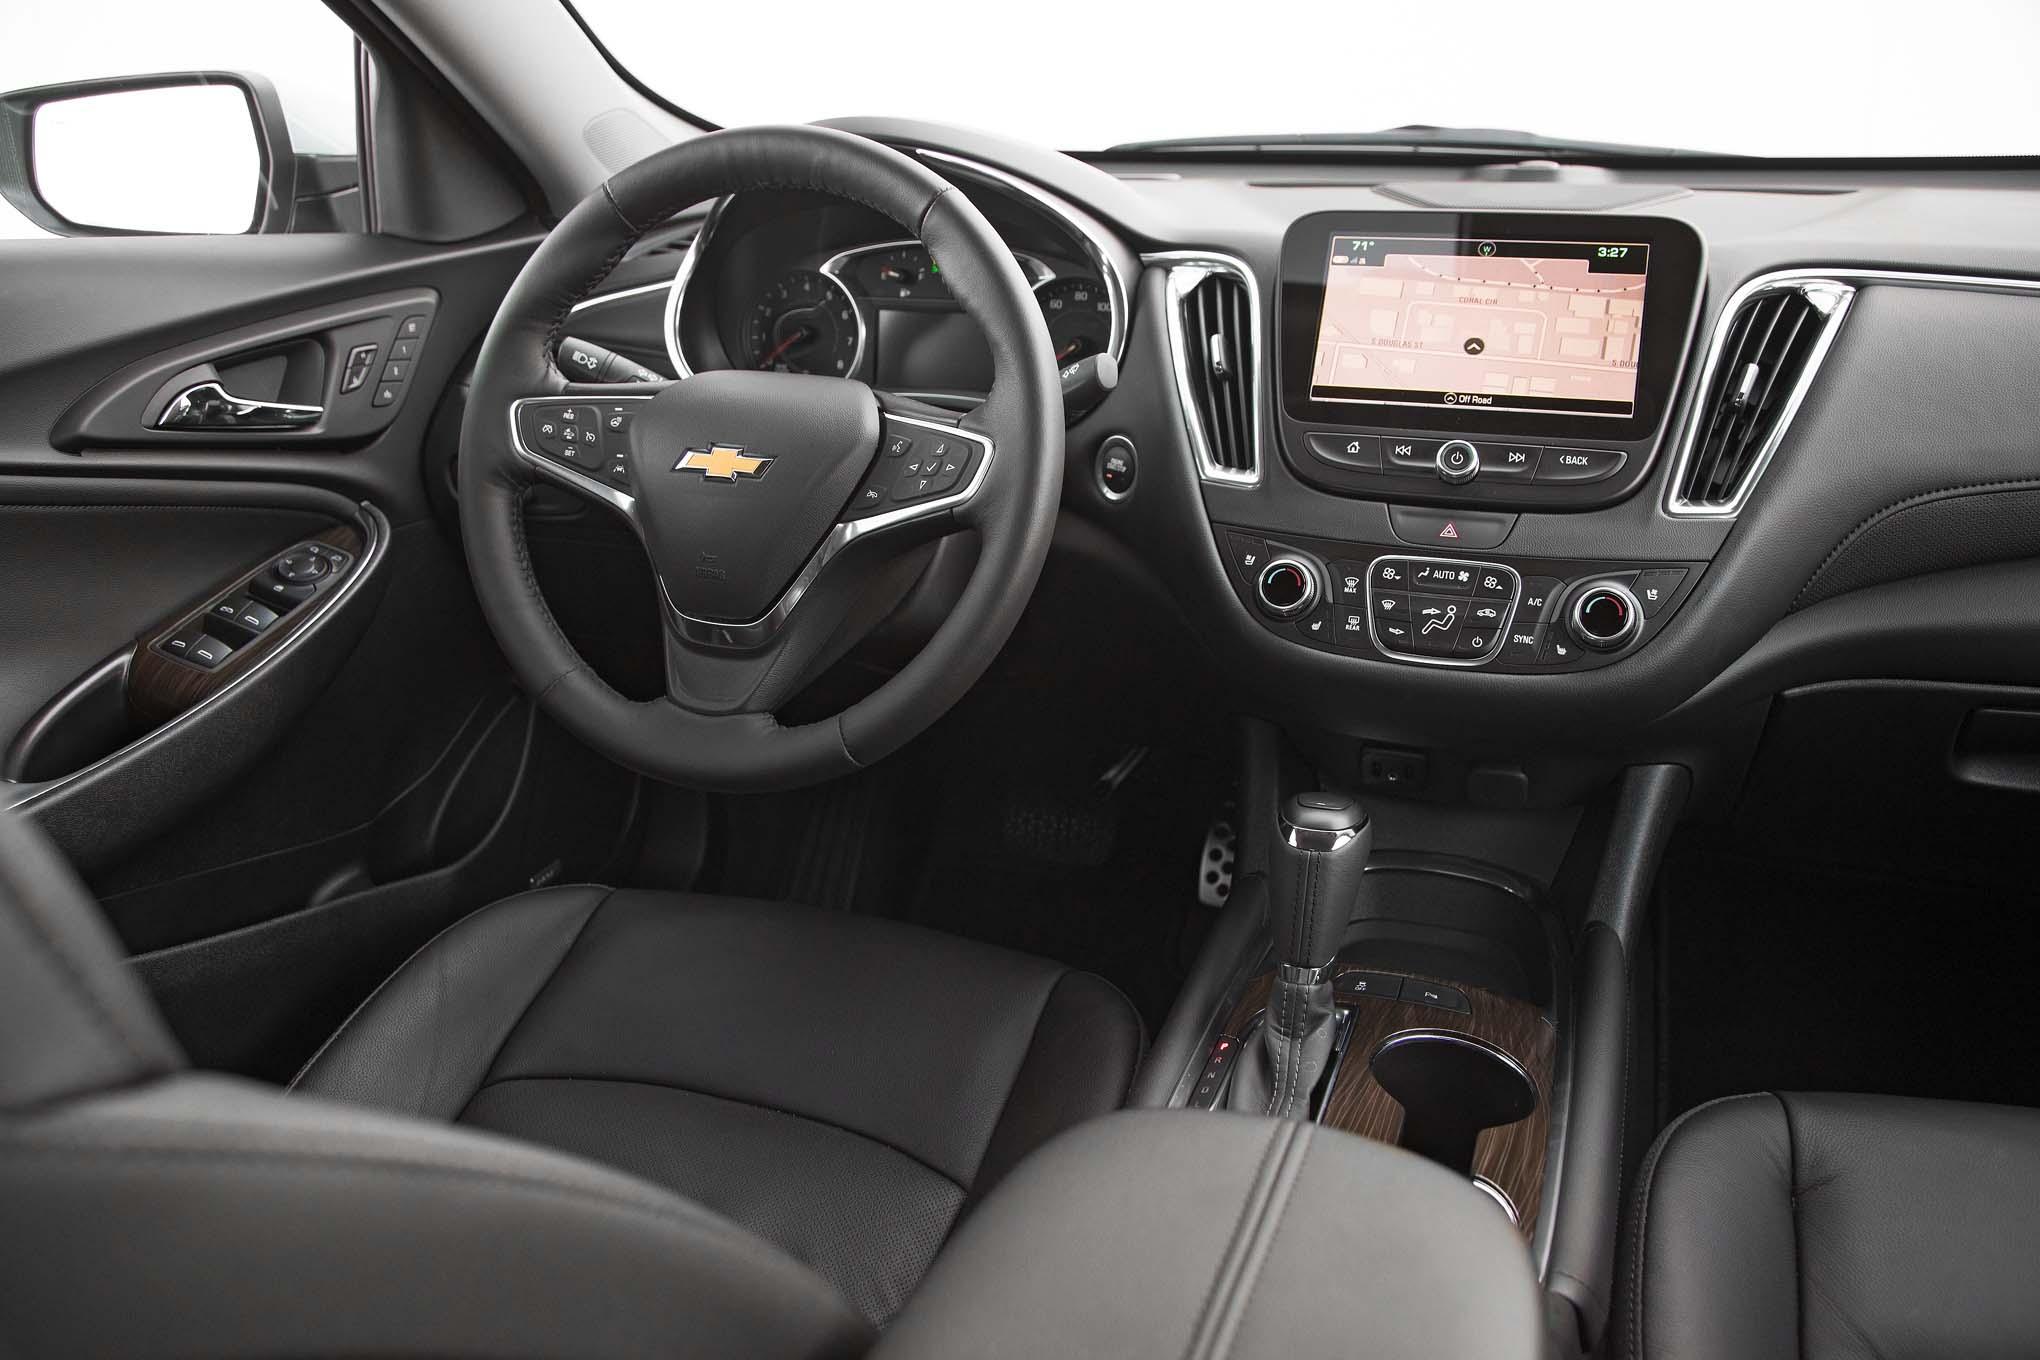 Chevrolet Malibu 2.0T Premier 2017: Primera Prueba - Motor ...